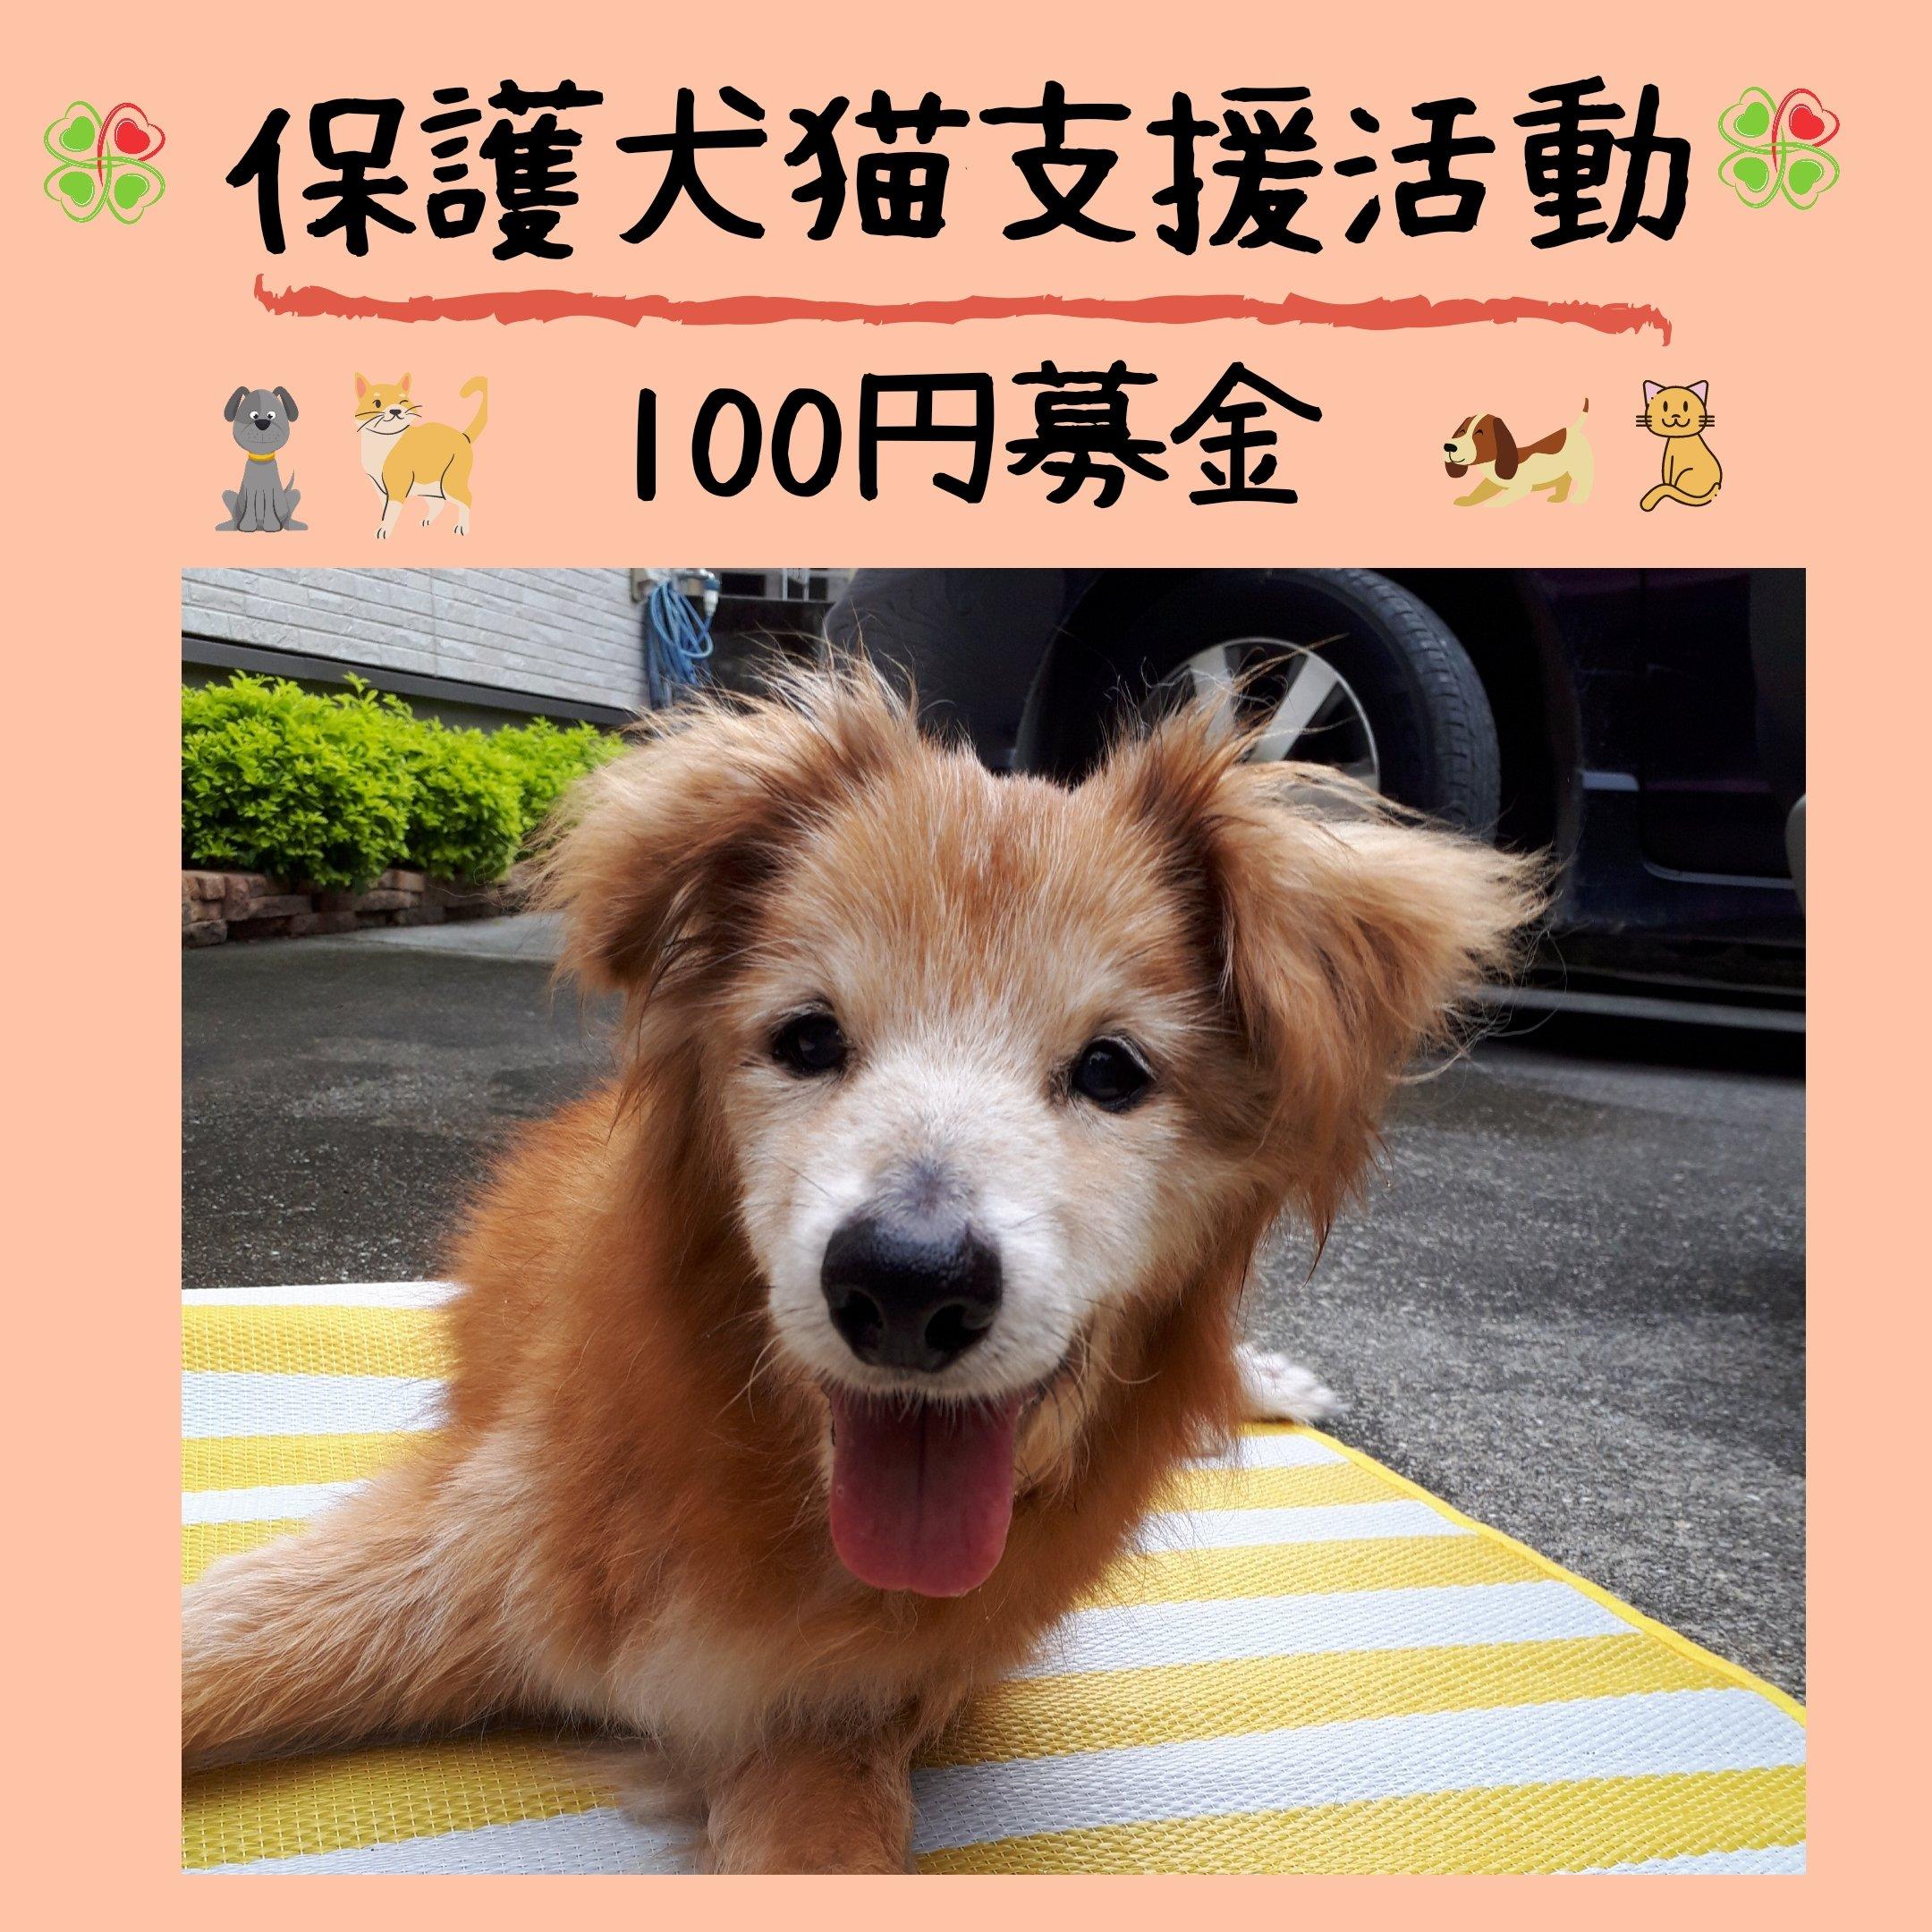 保護犬猫支援活動100円募金*沖縄(ポイントでの寄付も可能)のイメージその1